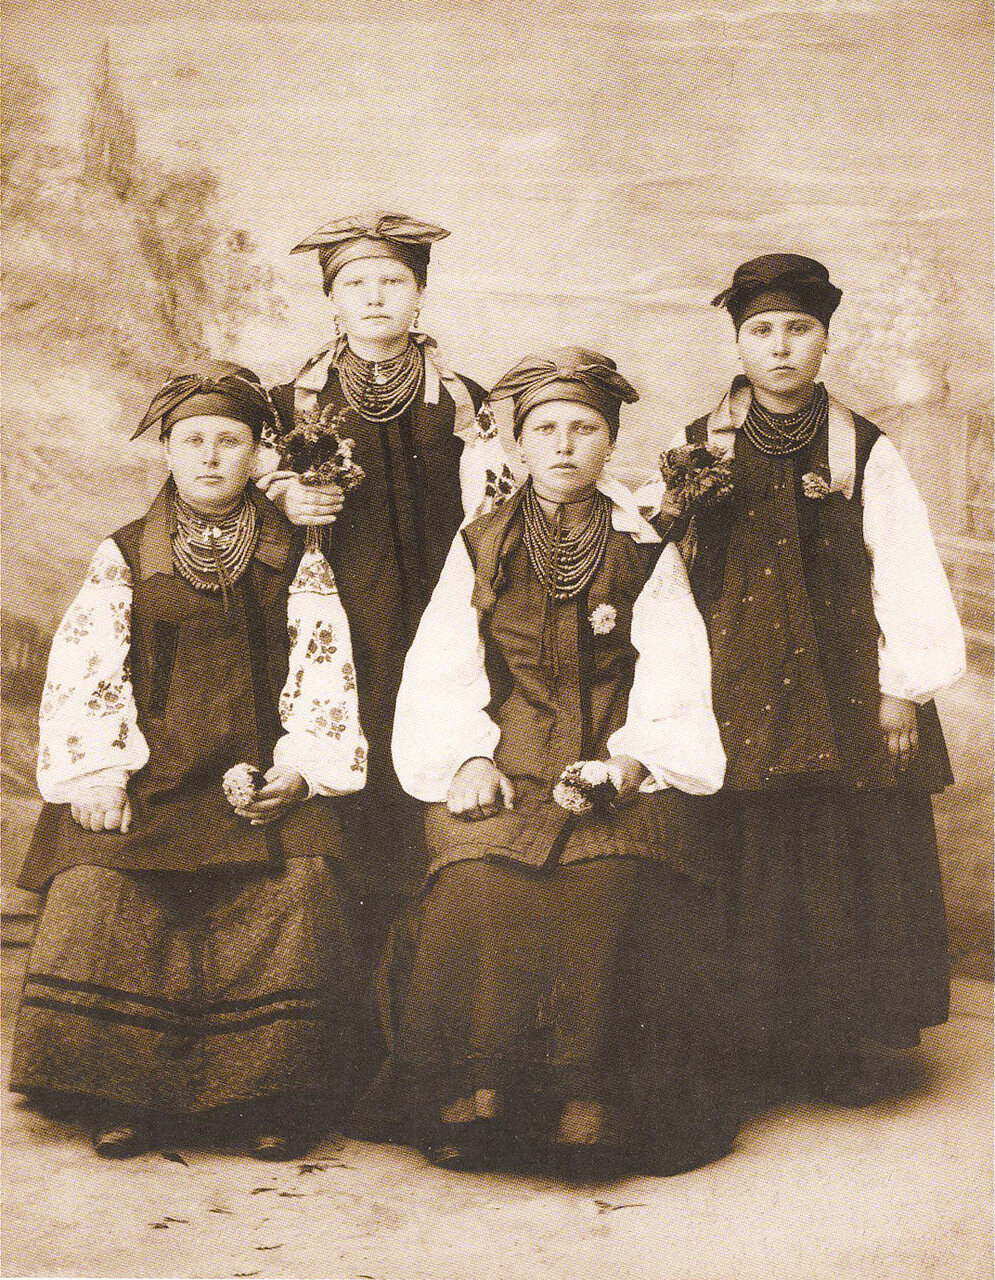 Девчата в народных одеждах. Село Пидварки. Киевщина. 1902 г.